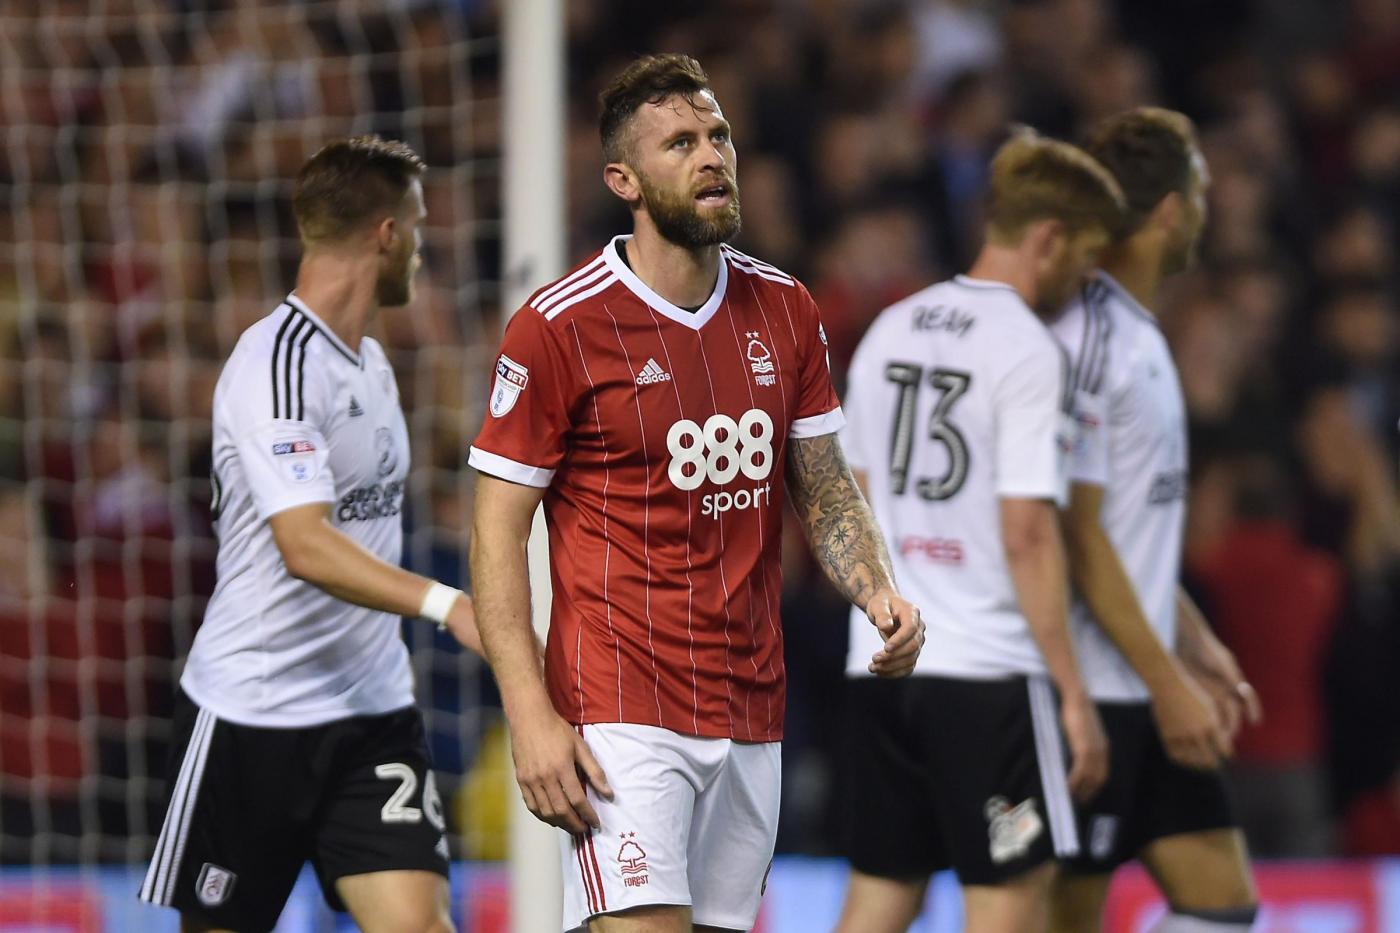 Nottingham-Blackburn 13 aprile: si gioca per la 42 esima giornata della Serie B inglese. I locali vogliono tornare a vincere.